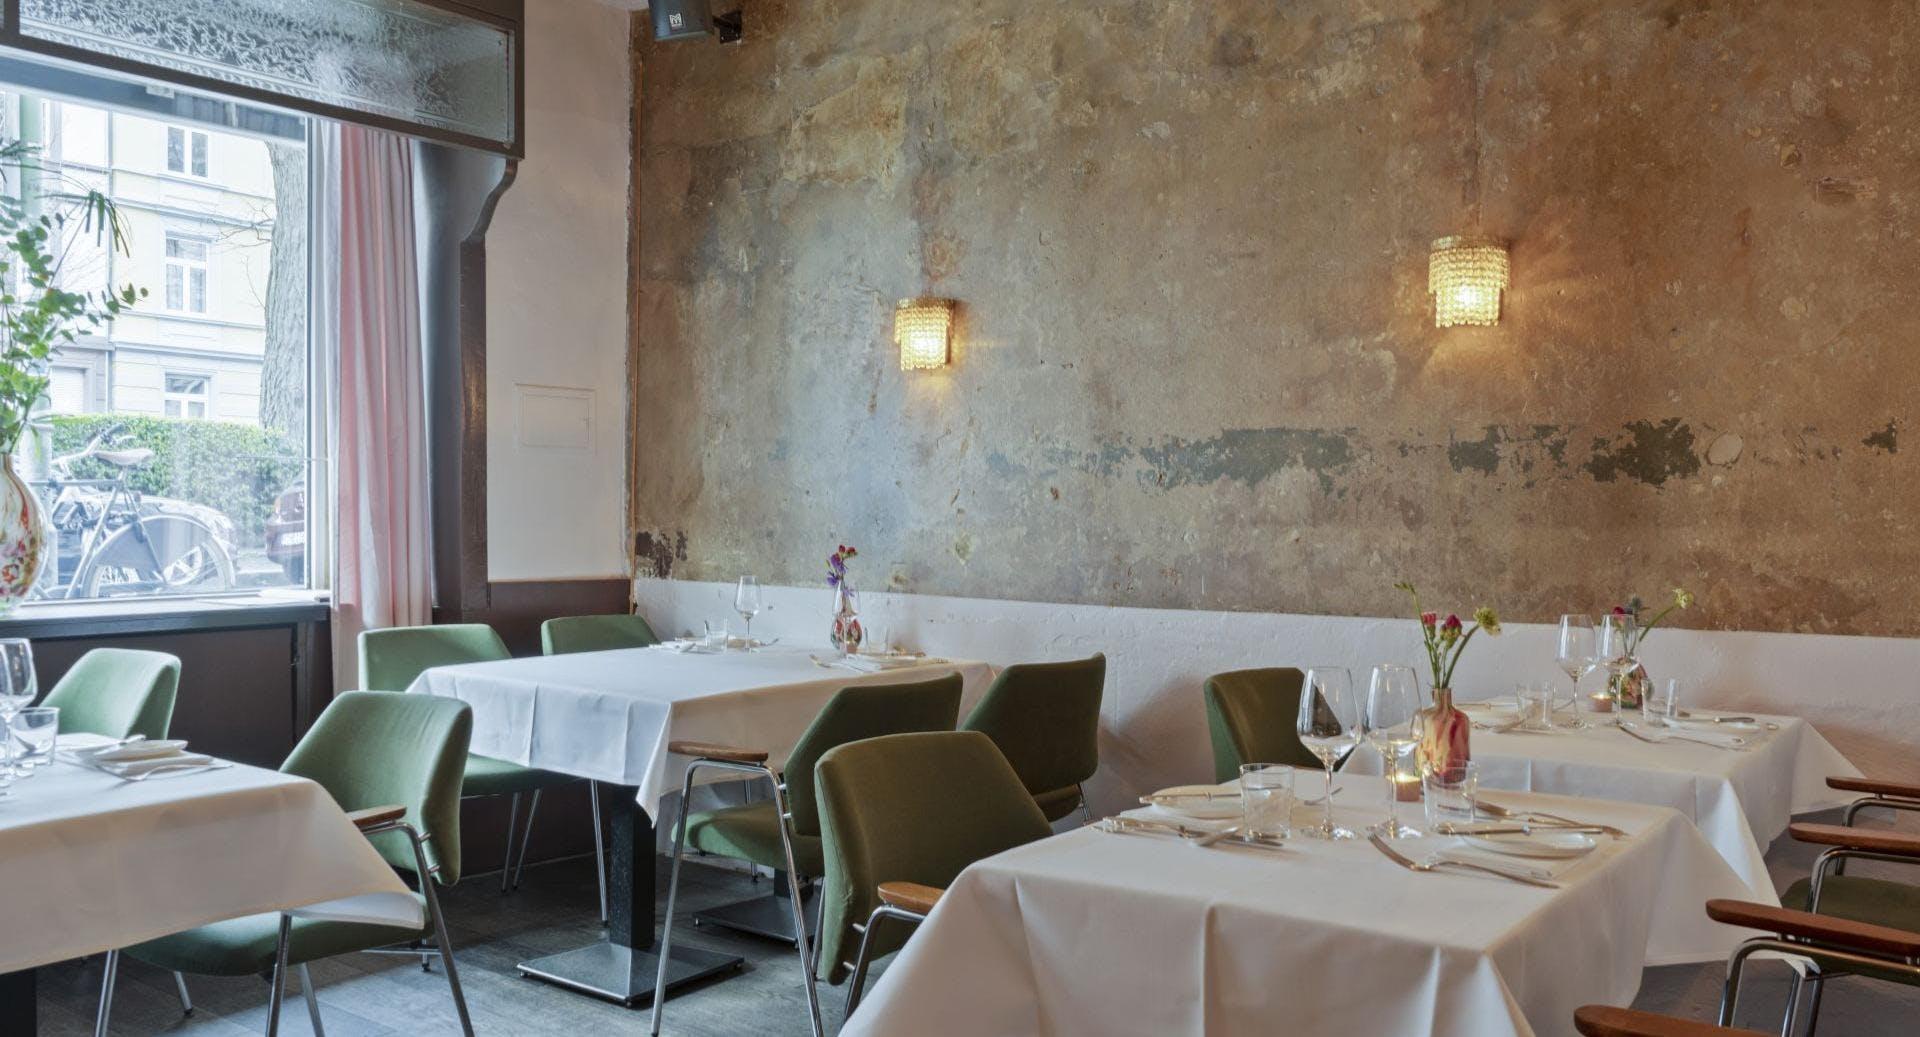 Blumen – Restaurant in der Bar Frankfurt image 3